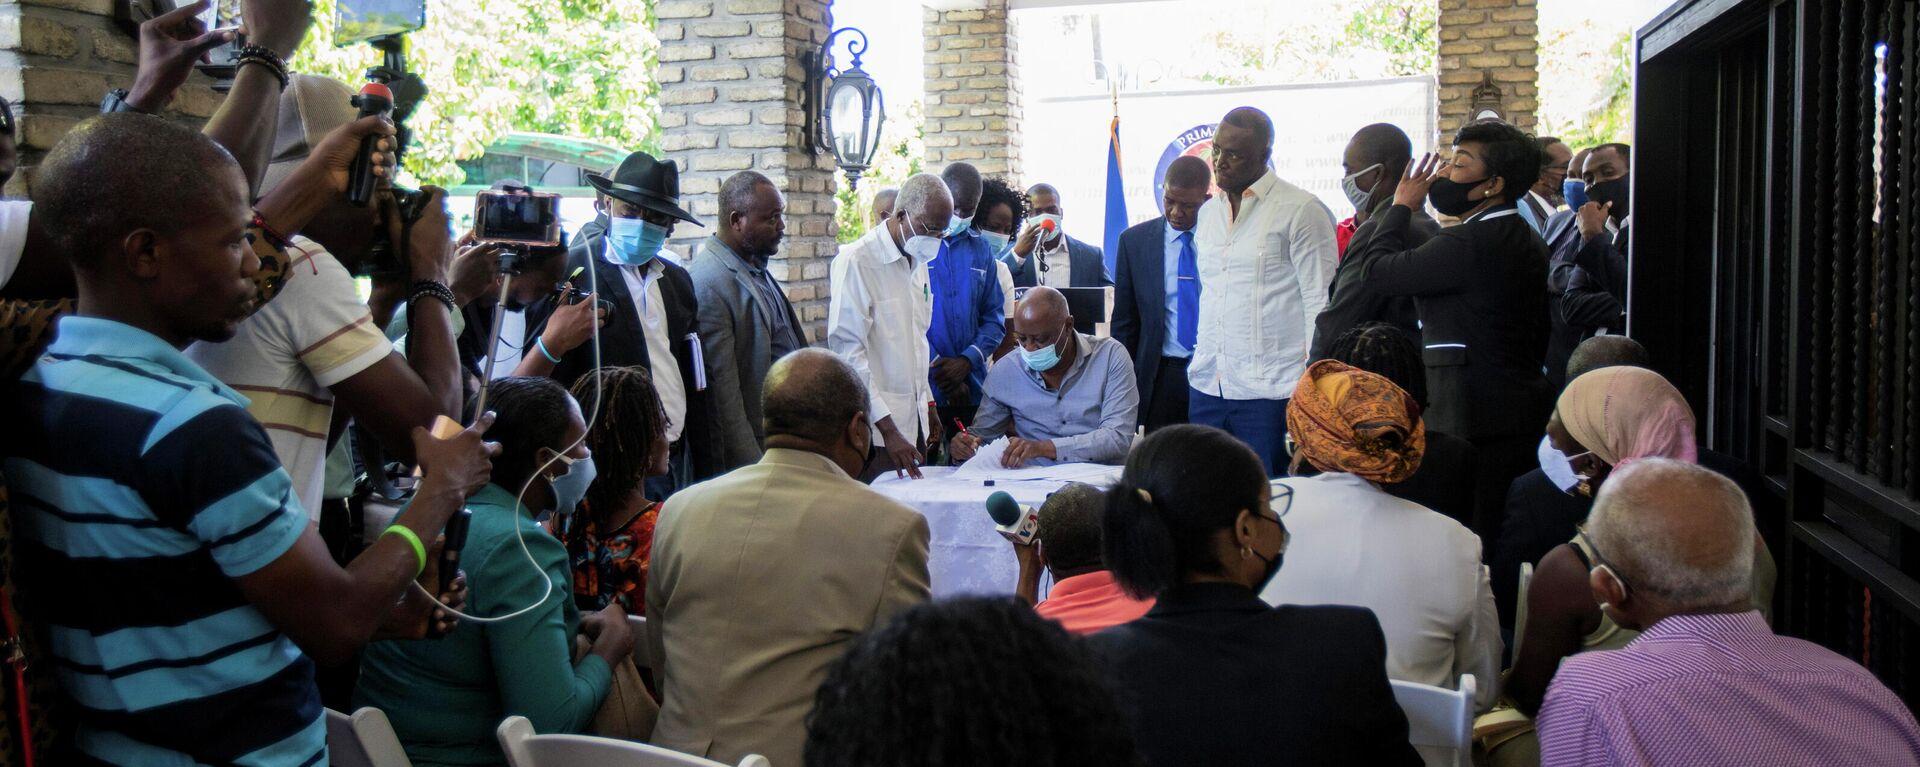 Políticos de Haití firman acuerdo político - Sputnik Mundo, 1920, 23.09.2021